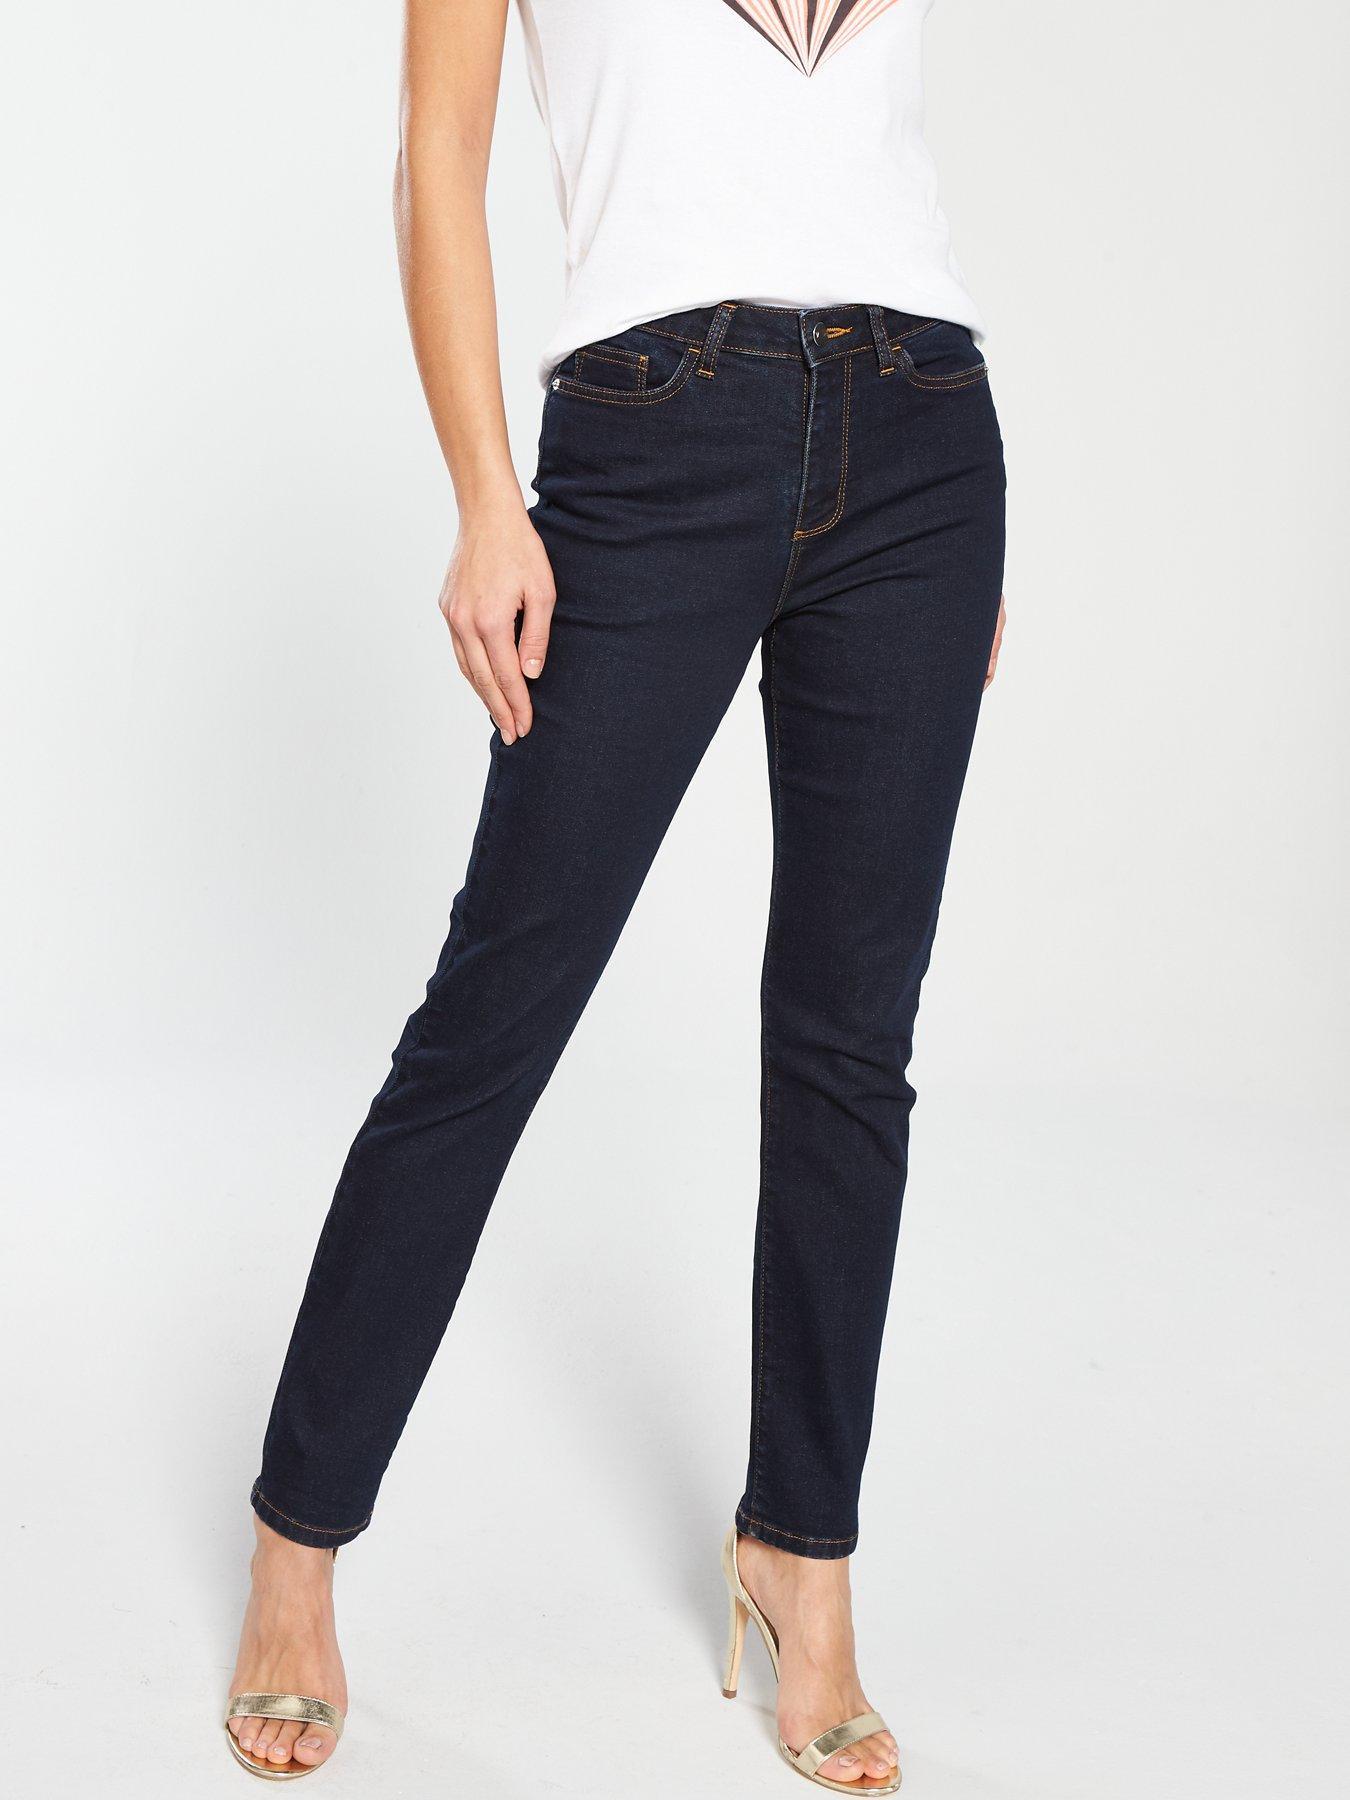 Size 14 Uk Regular New V By Very Isabelle High Rise Slim Leg Jeans Black